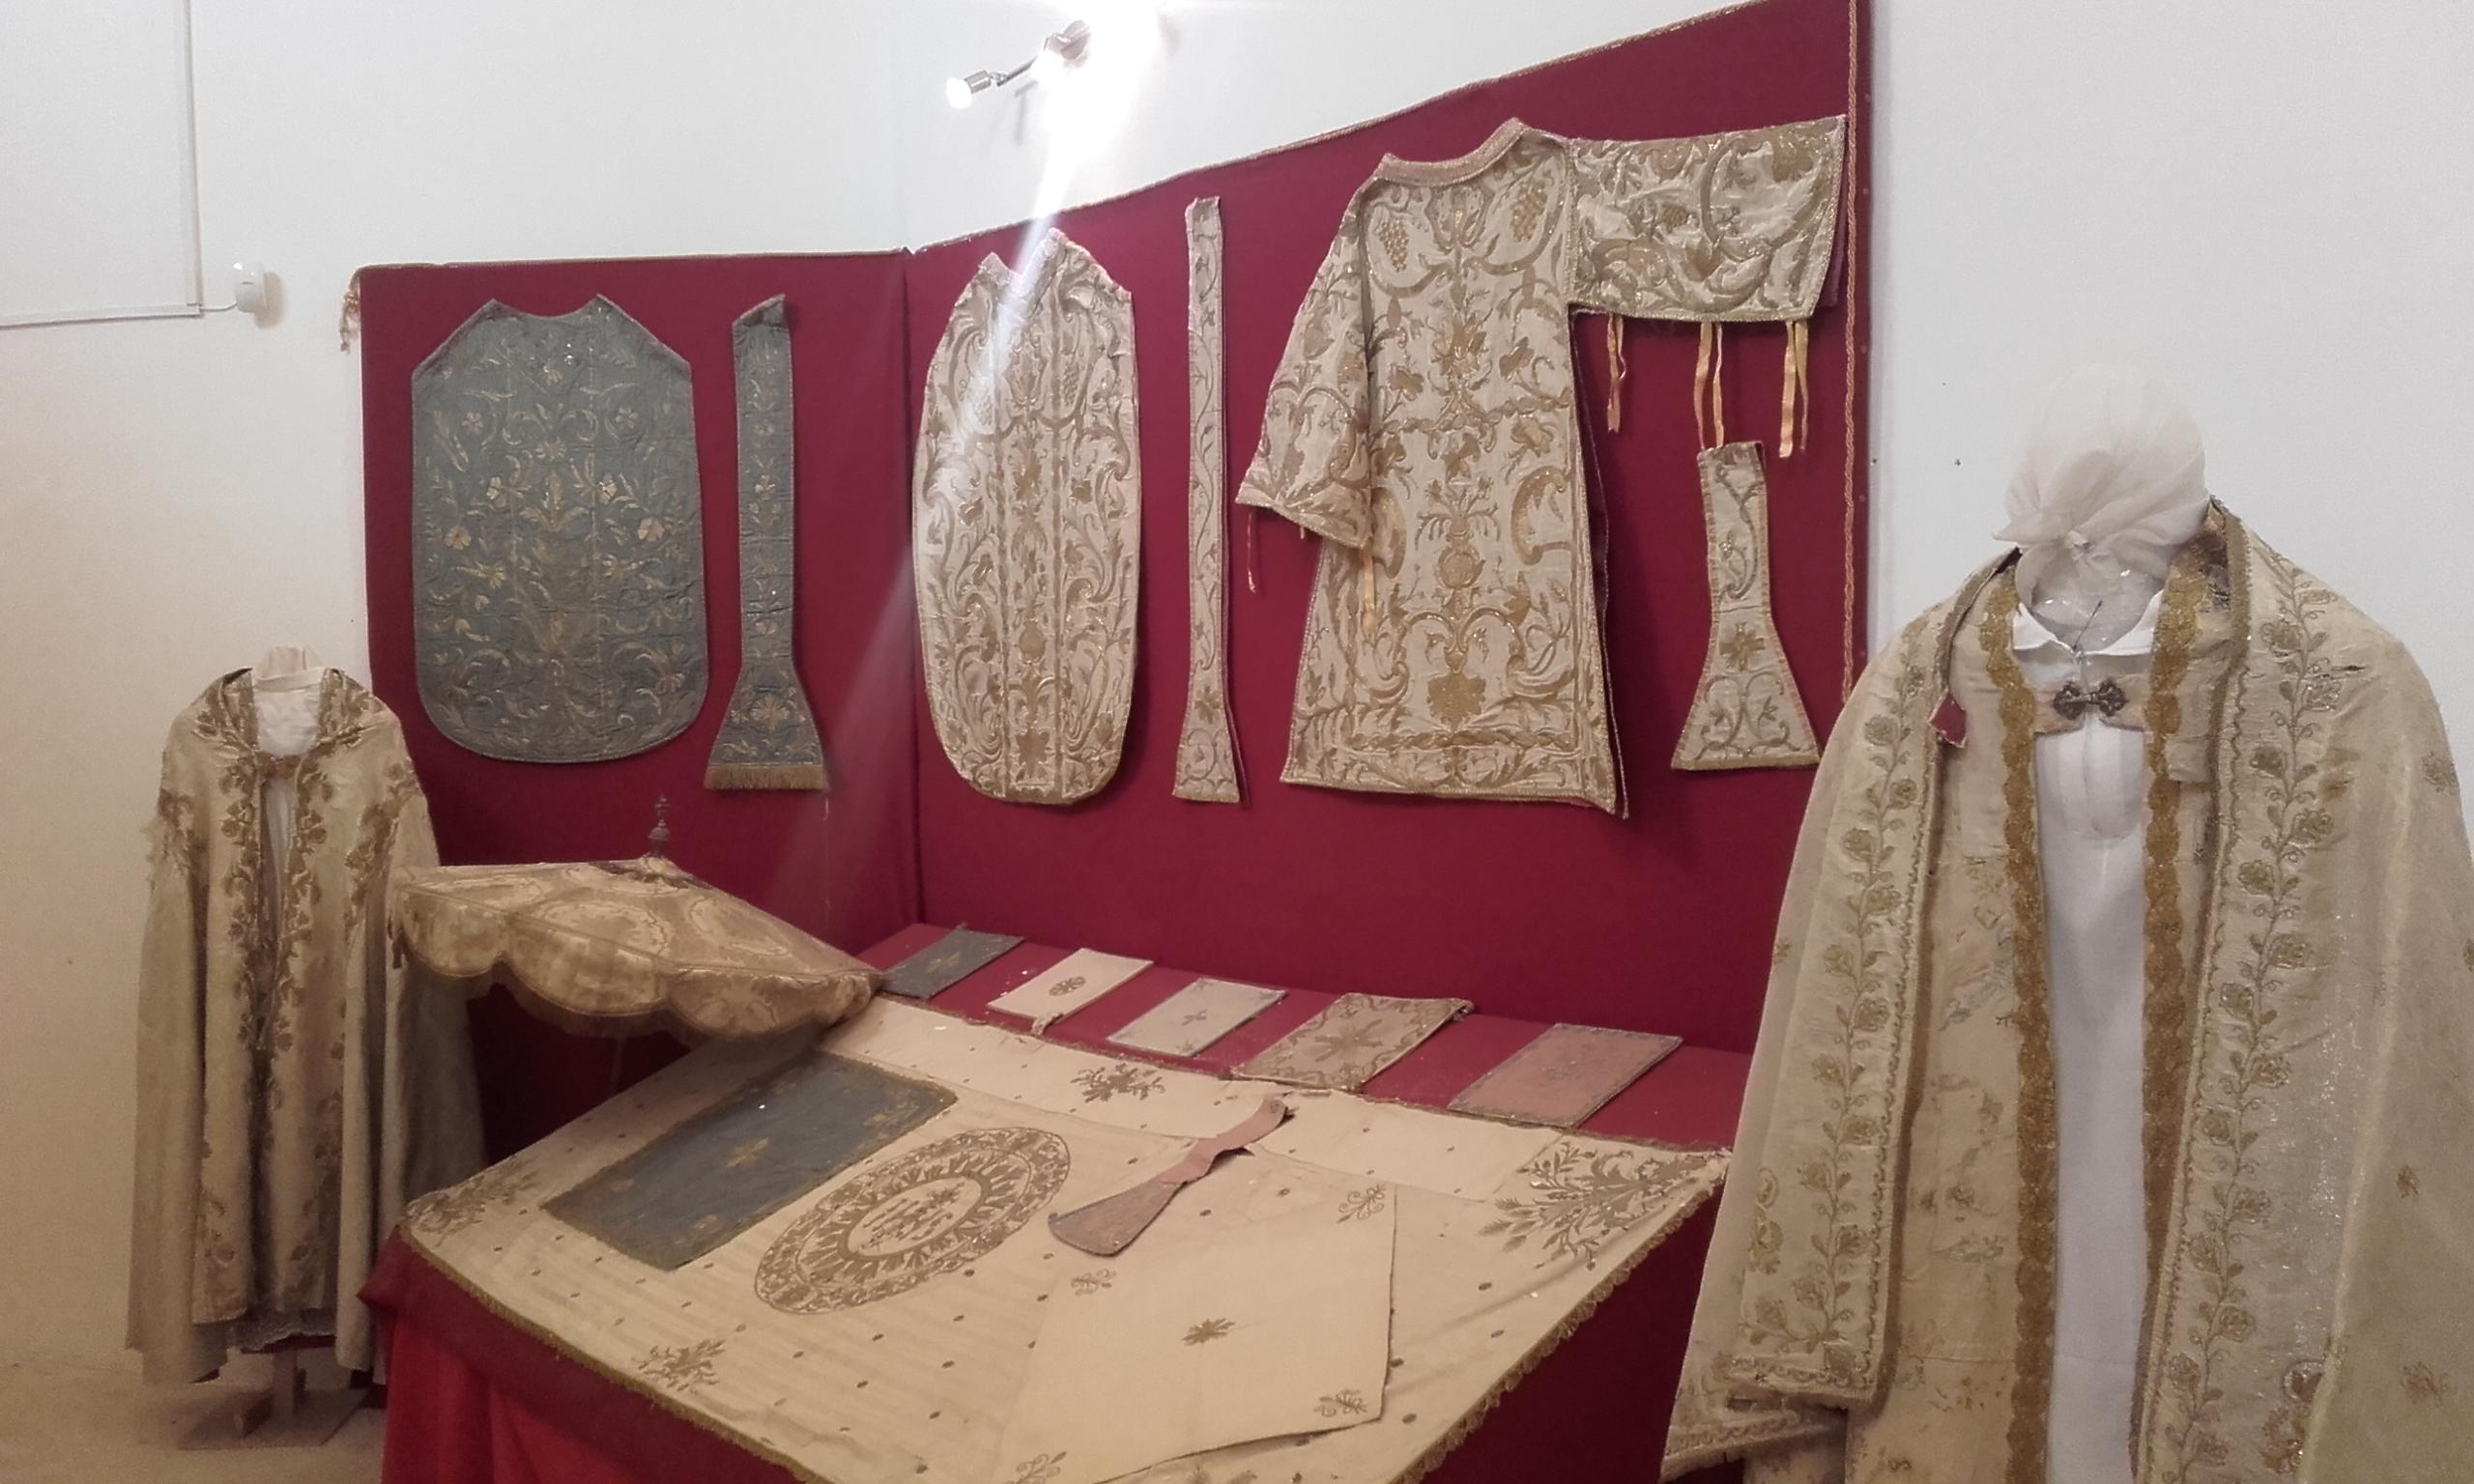 Elementos y ropajes litúrgicos en la Basílica